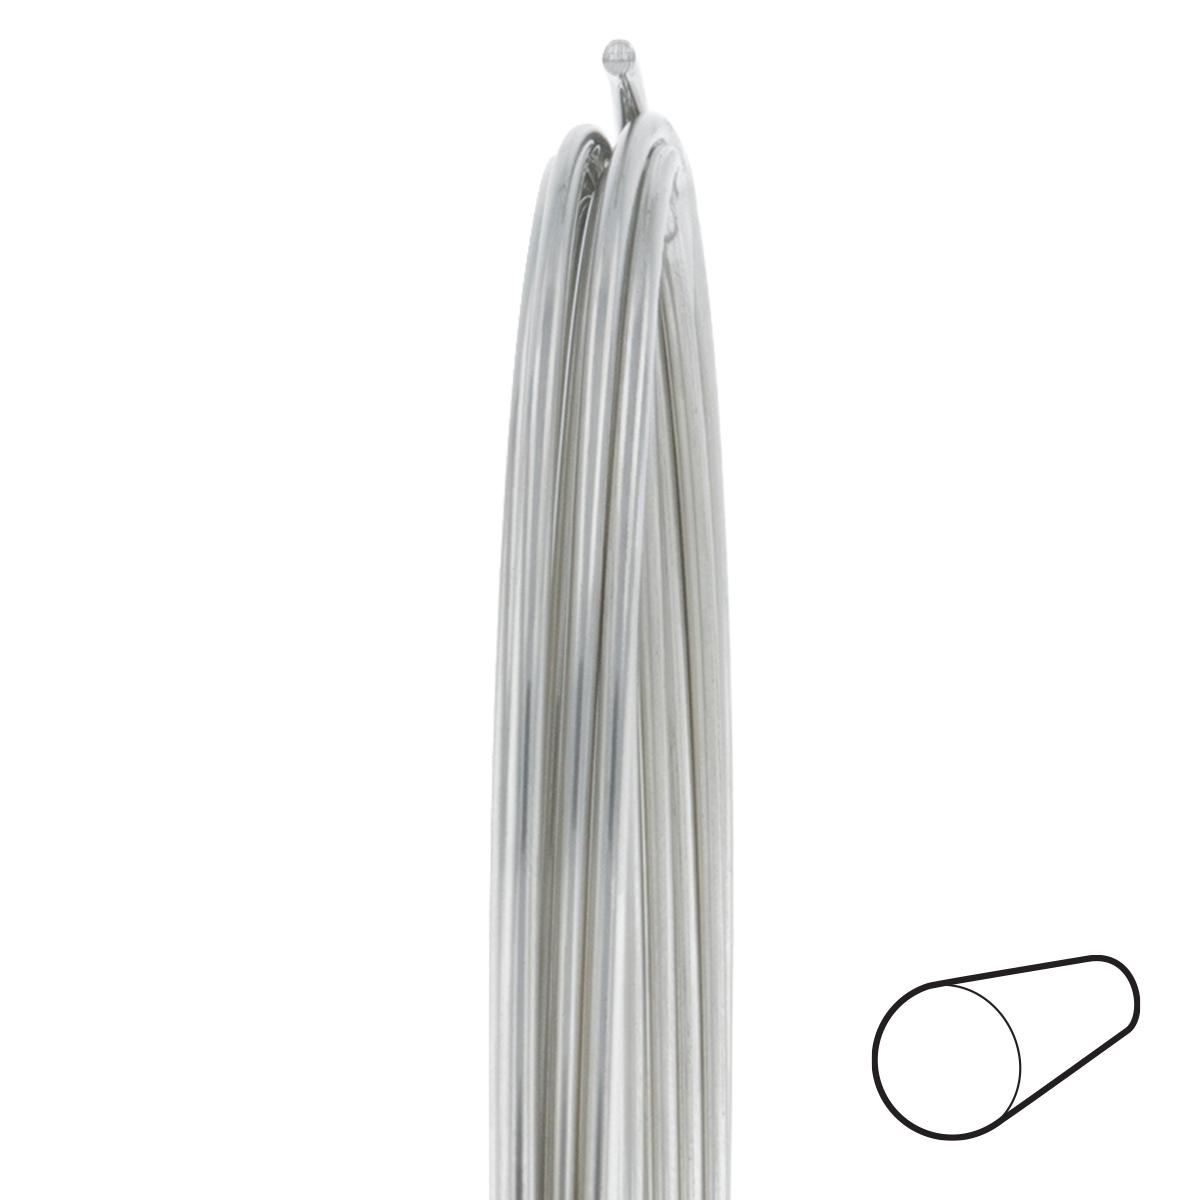 20 Gauge Round Dead Soft Nickel Silver Wire: Wire Jewelry | Wire ...